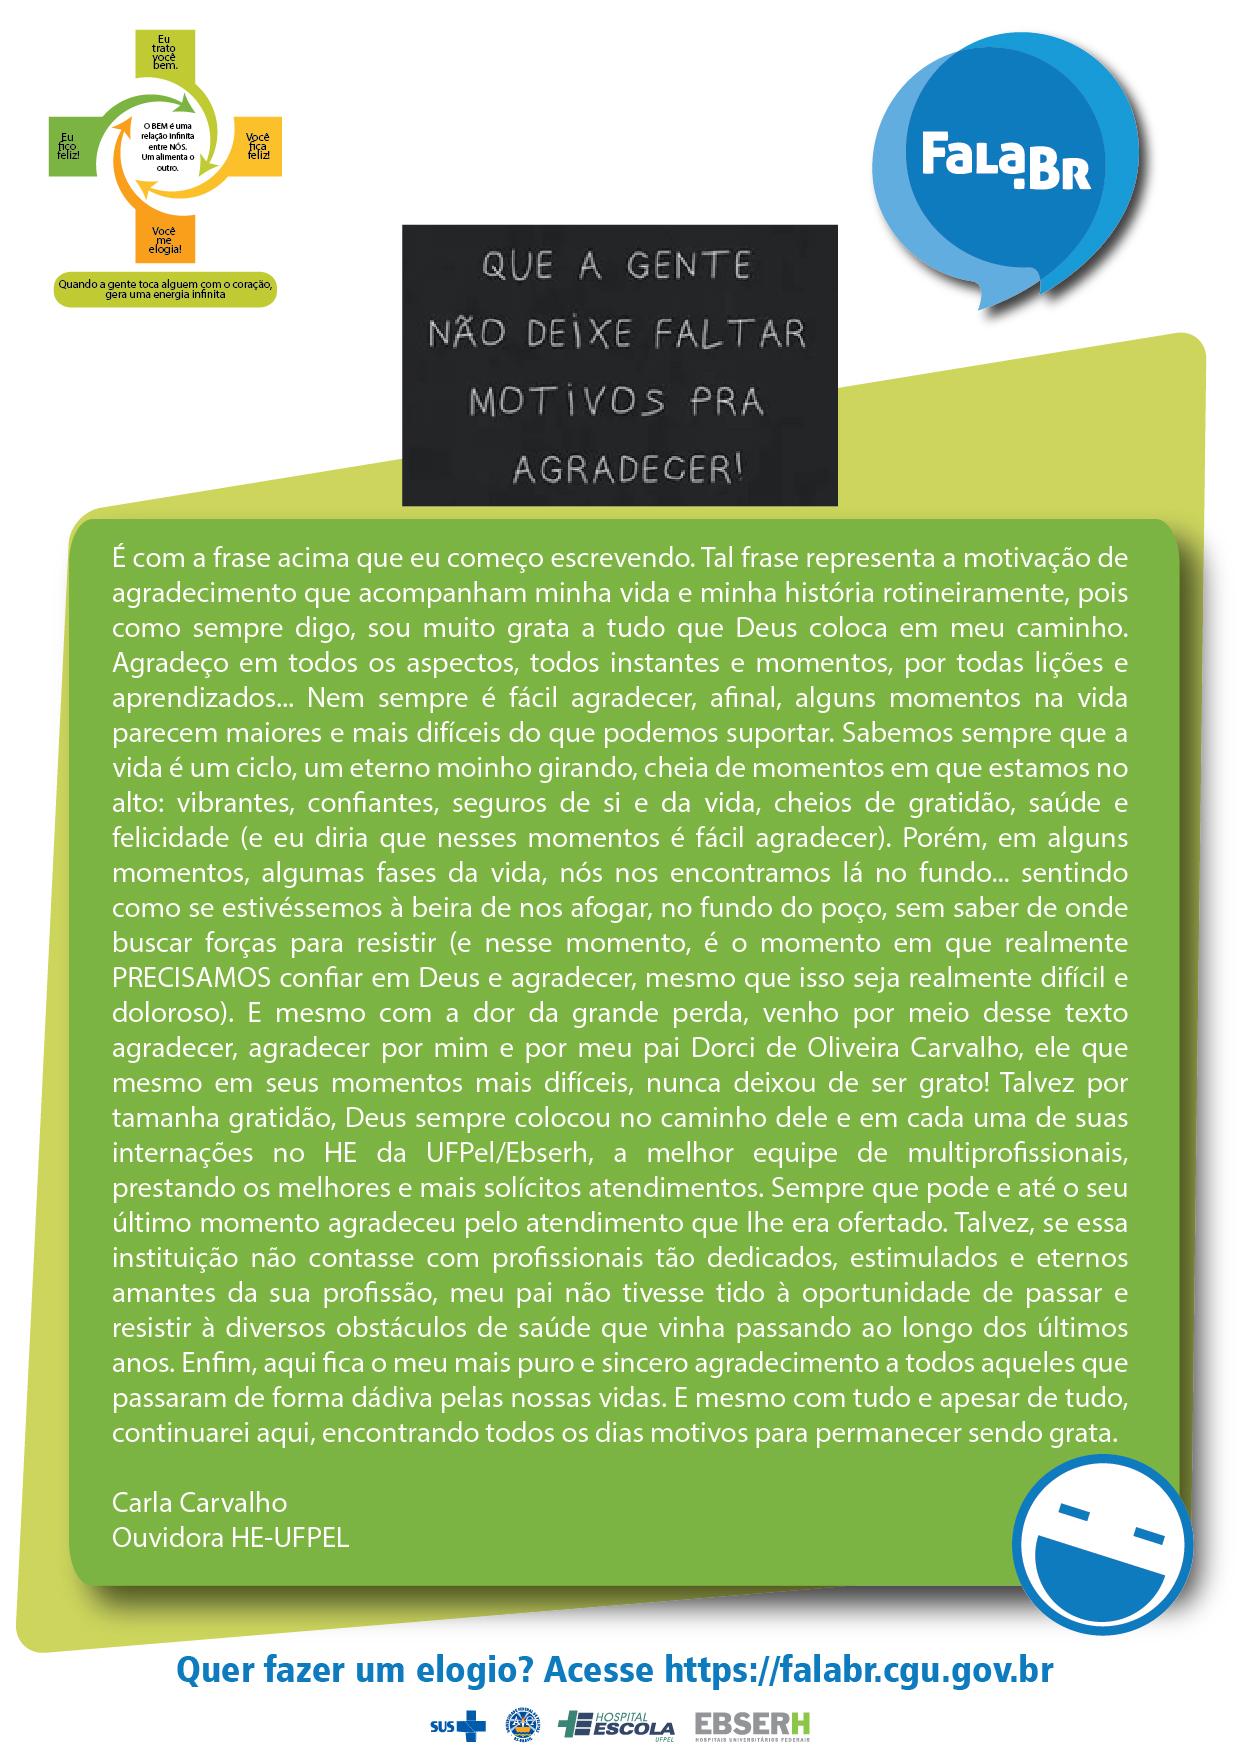 Paper Elogio_CArla Carvalho-01